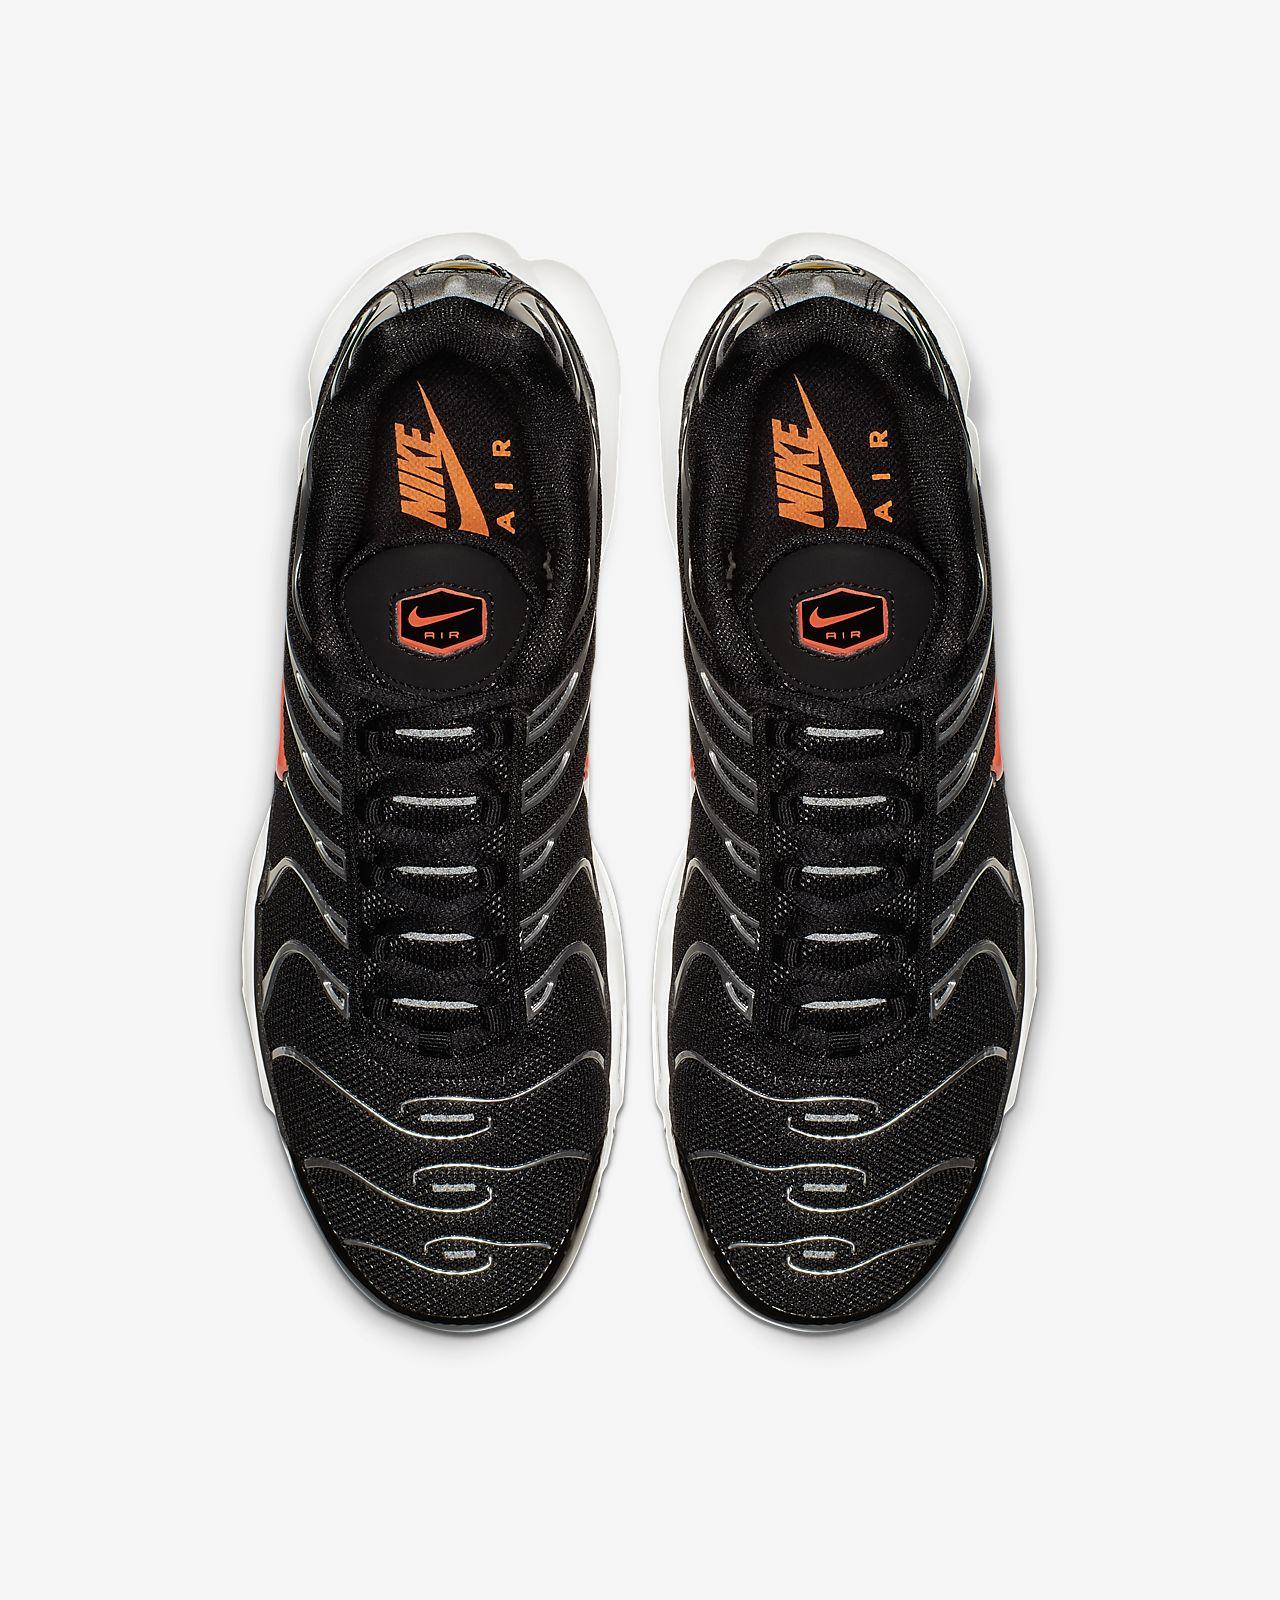 Venta Nike Air Max Plus TN SE Hombre Zapato NegroGris